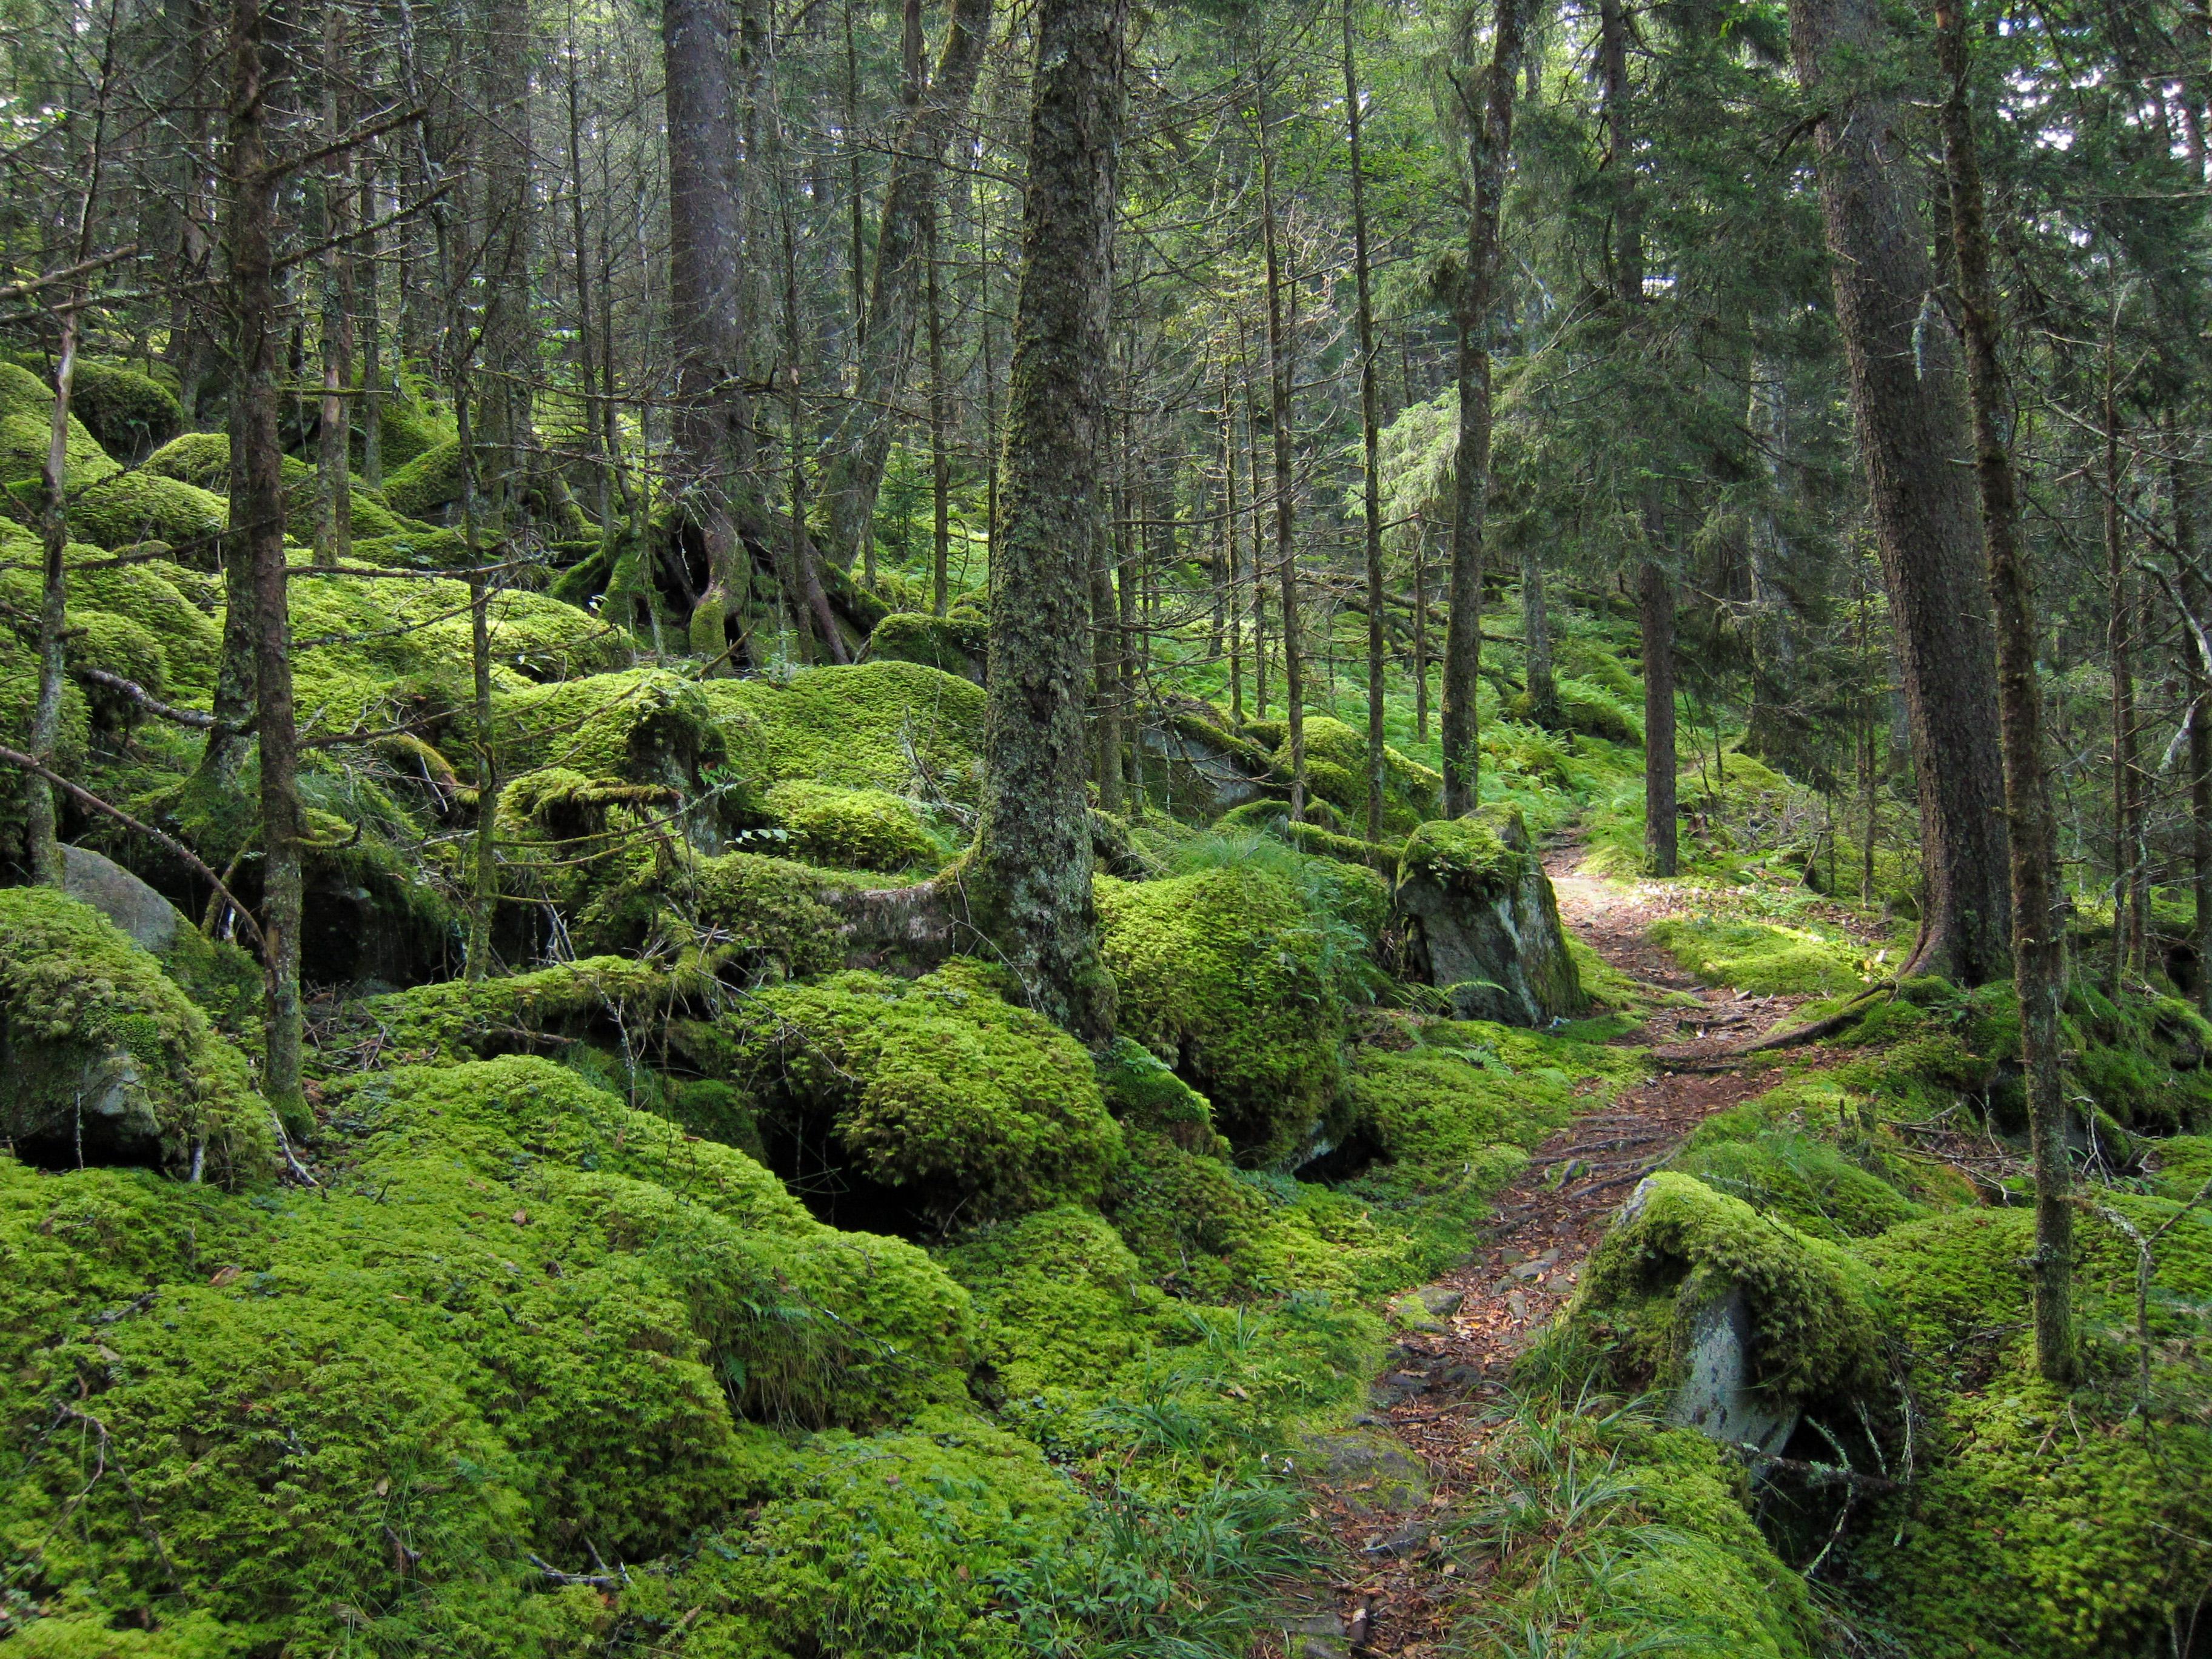 139539 descargar fondo de pantalla Bosque, Naturaleza, Árboles, Camino, Musgo: protectores de pantalla e imágenes gratis